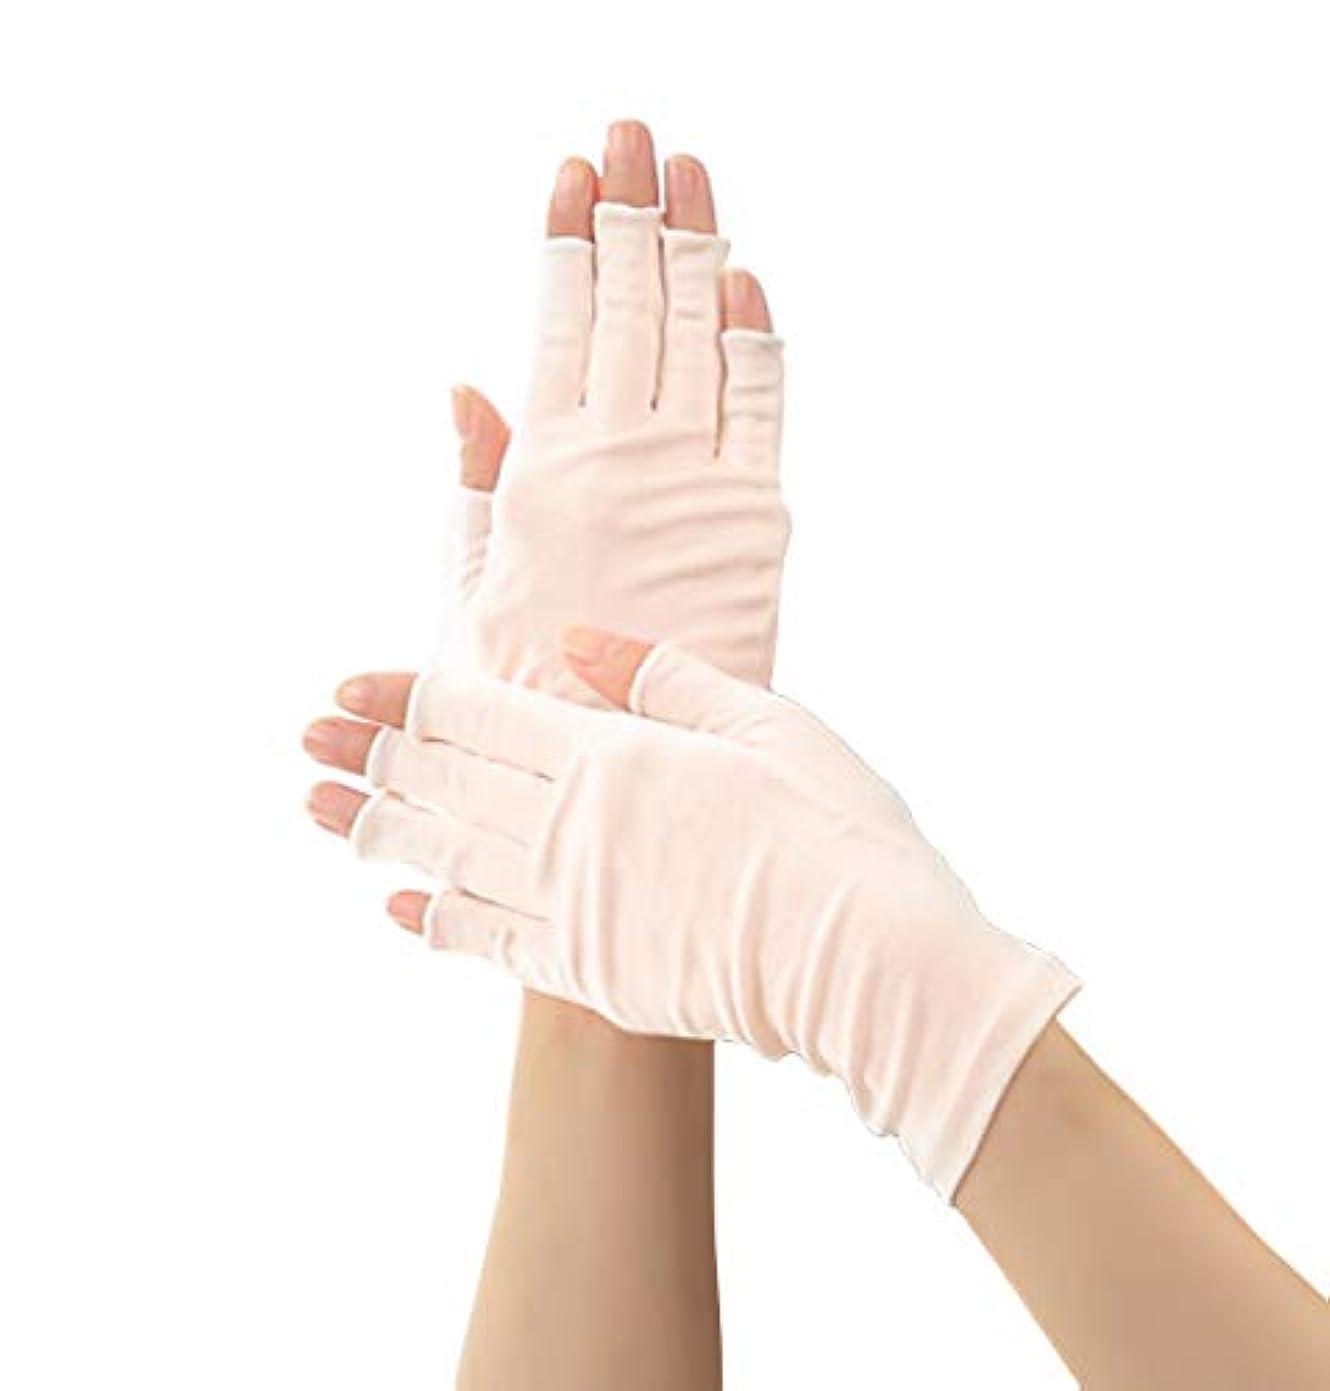 アーネストシャクルトンプランター醸造所Silk 100% シルク 手袋 指先カット タイプ 薄手 オールシーズンOK 外出時の 紫外線 UV 対策 スマホ PC 操作 や ICカード 取り出しもらくらく! 手首 ゆったり おやすみ フィンガーレス スキンケア...